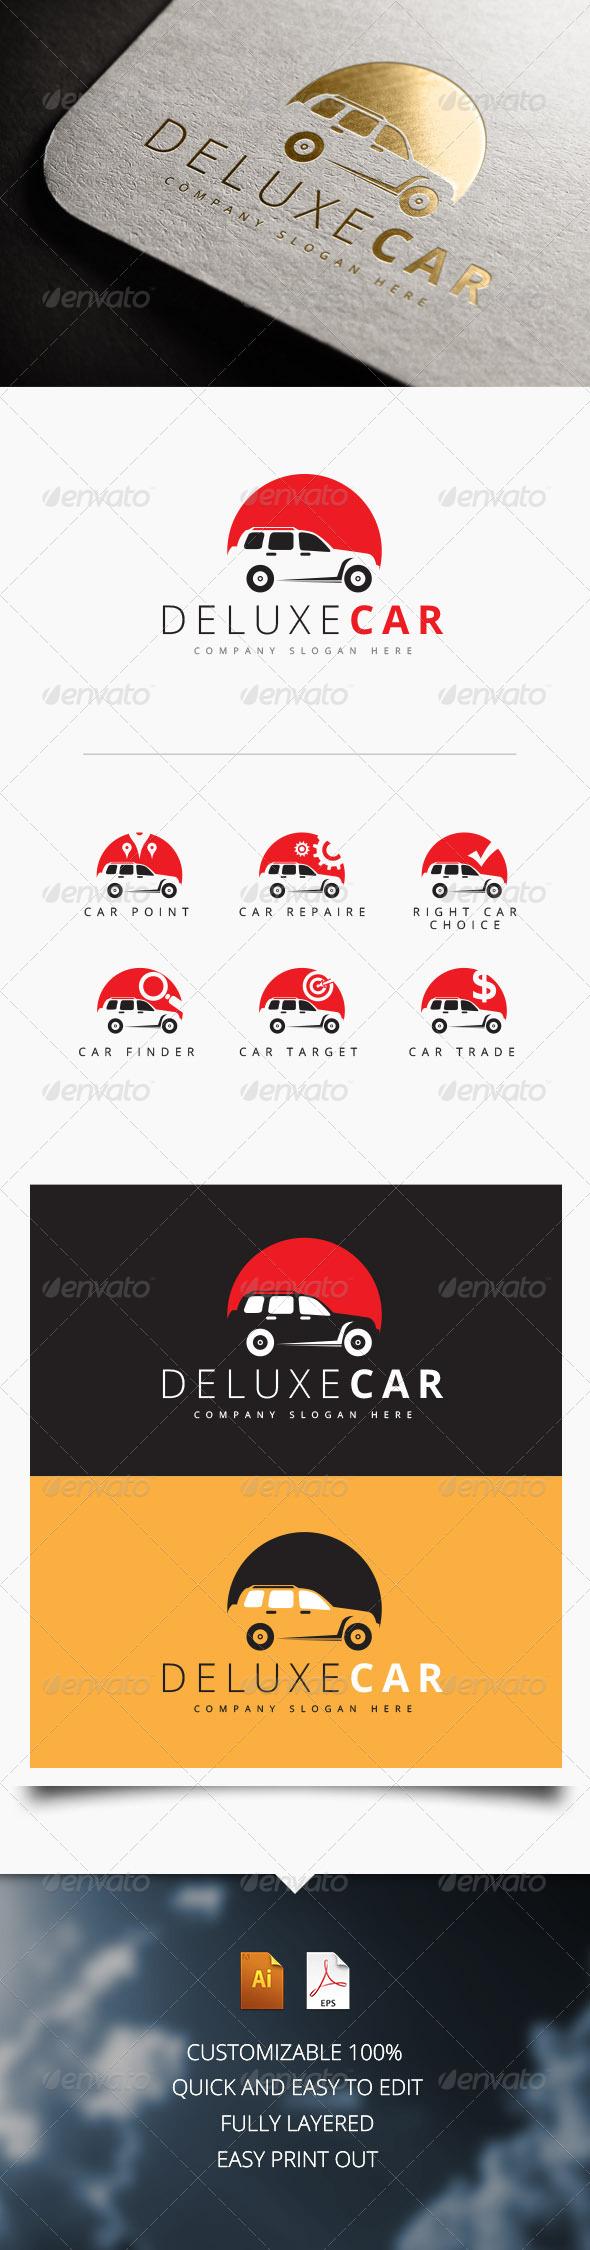 Deluxe Car Logo